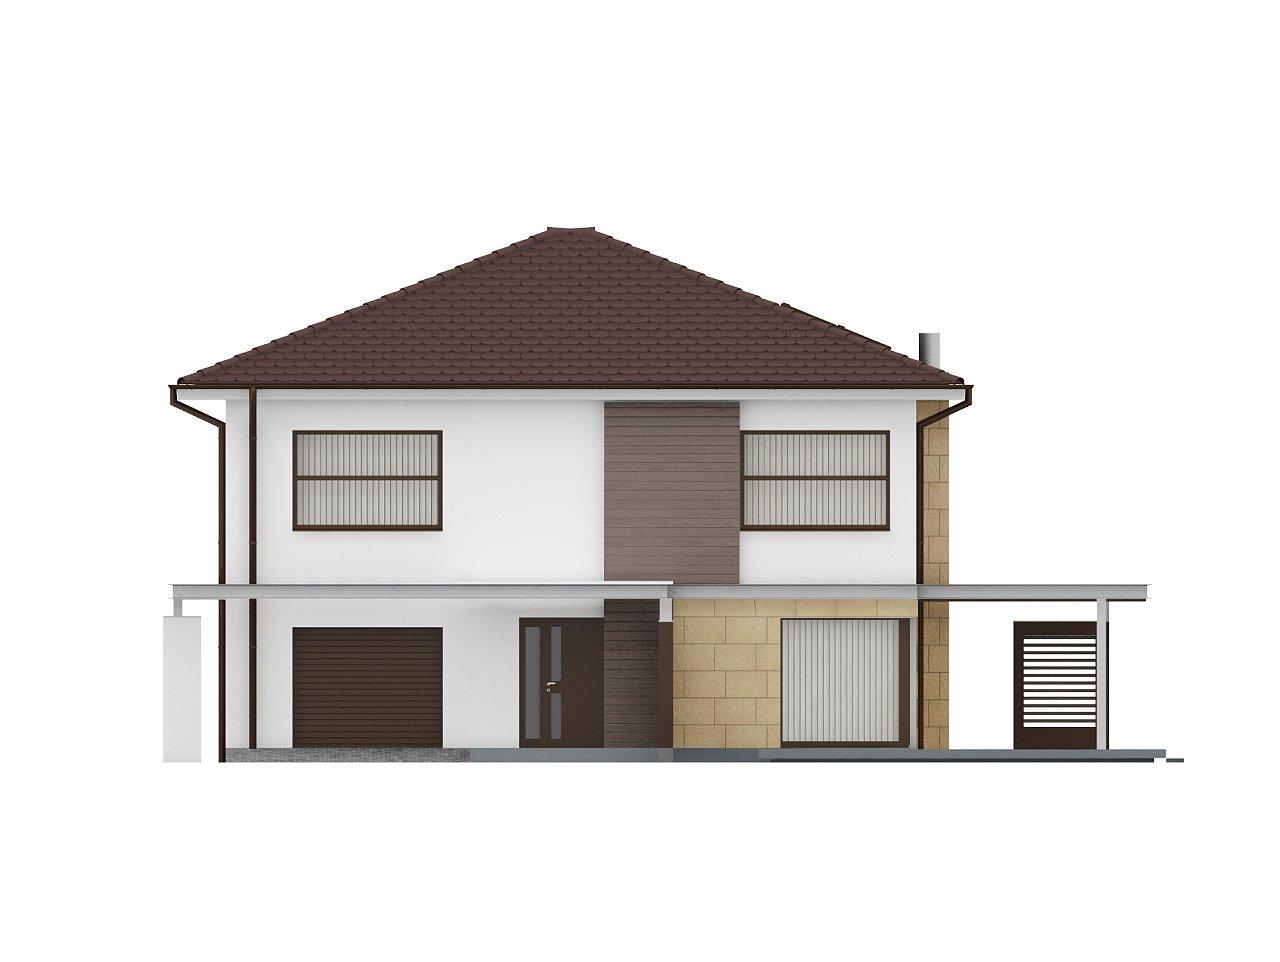 Двухэтажный дом простой формы со вторым светом над гостиной и встроенным гаражом. - фото 3